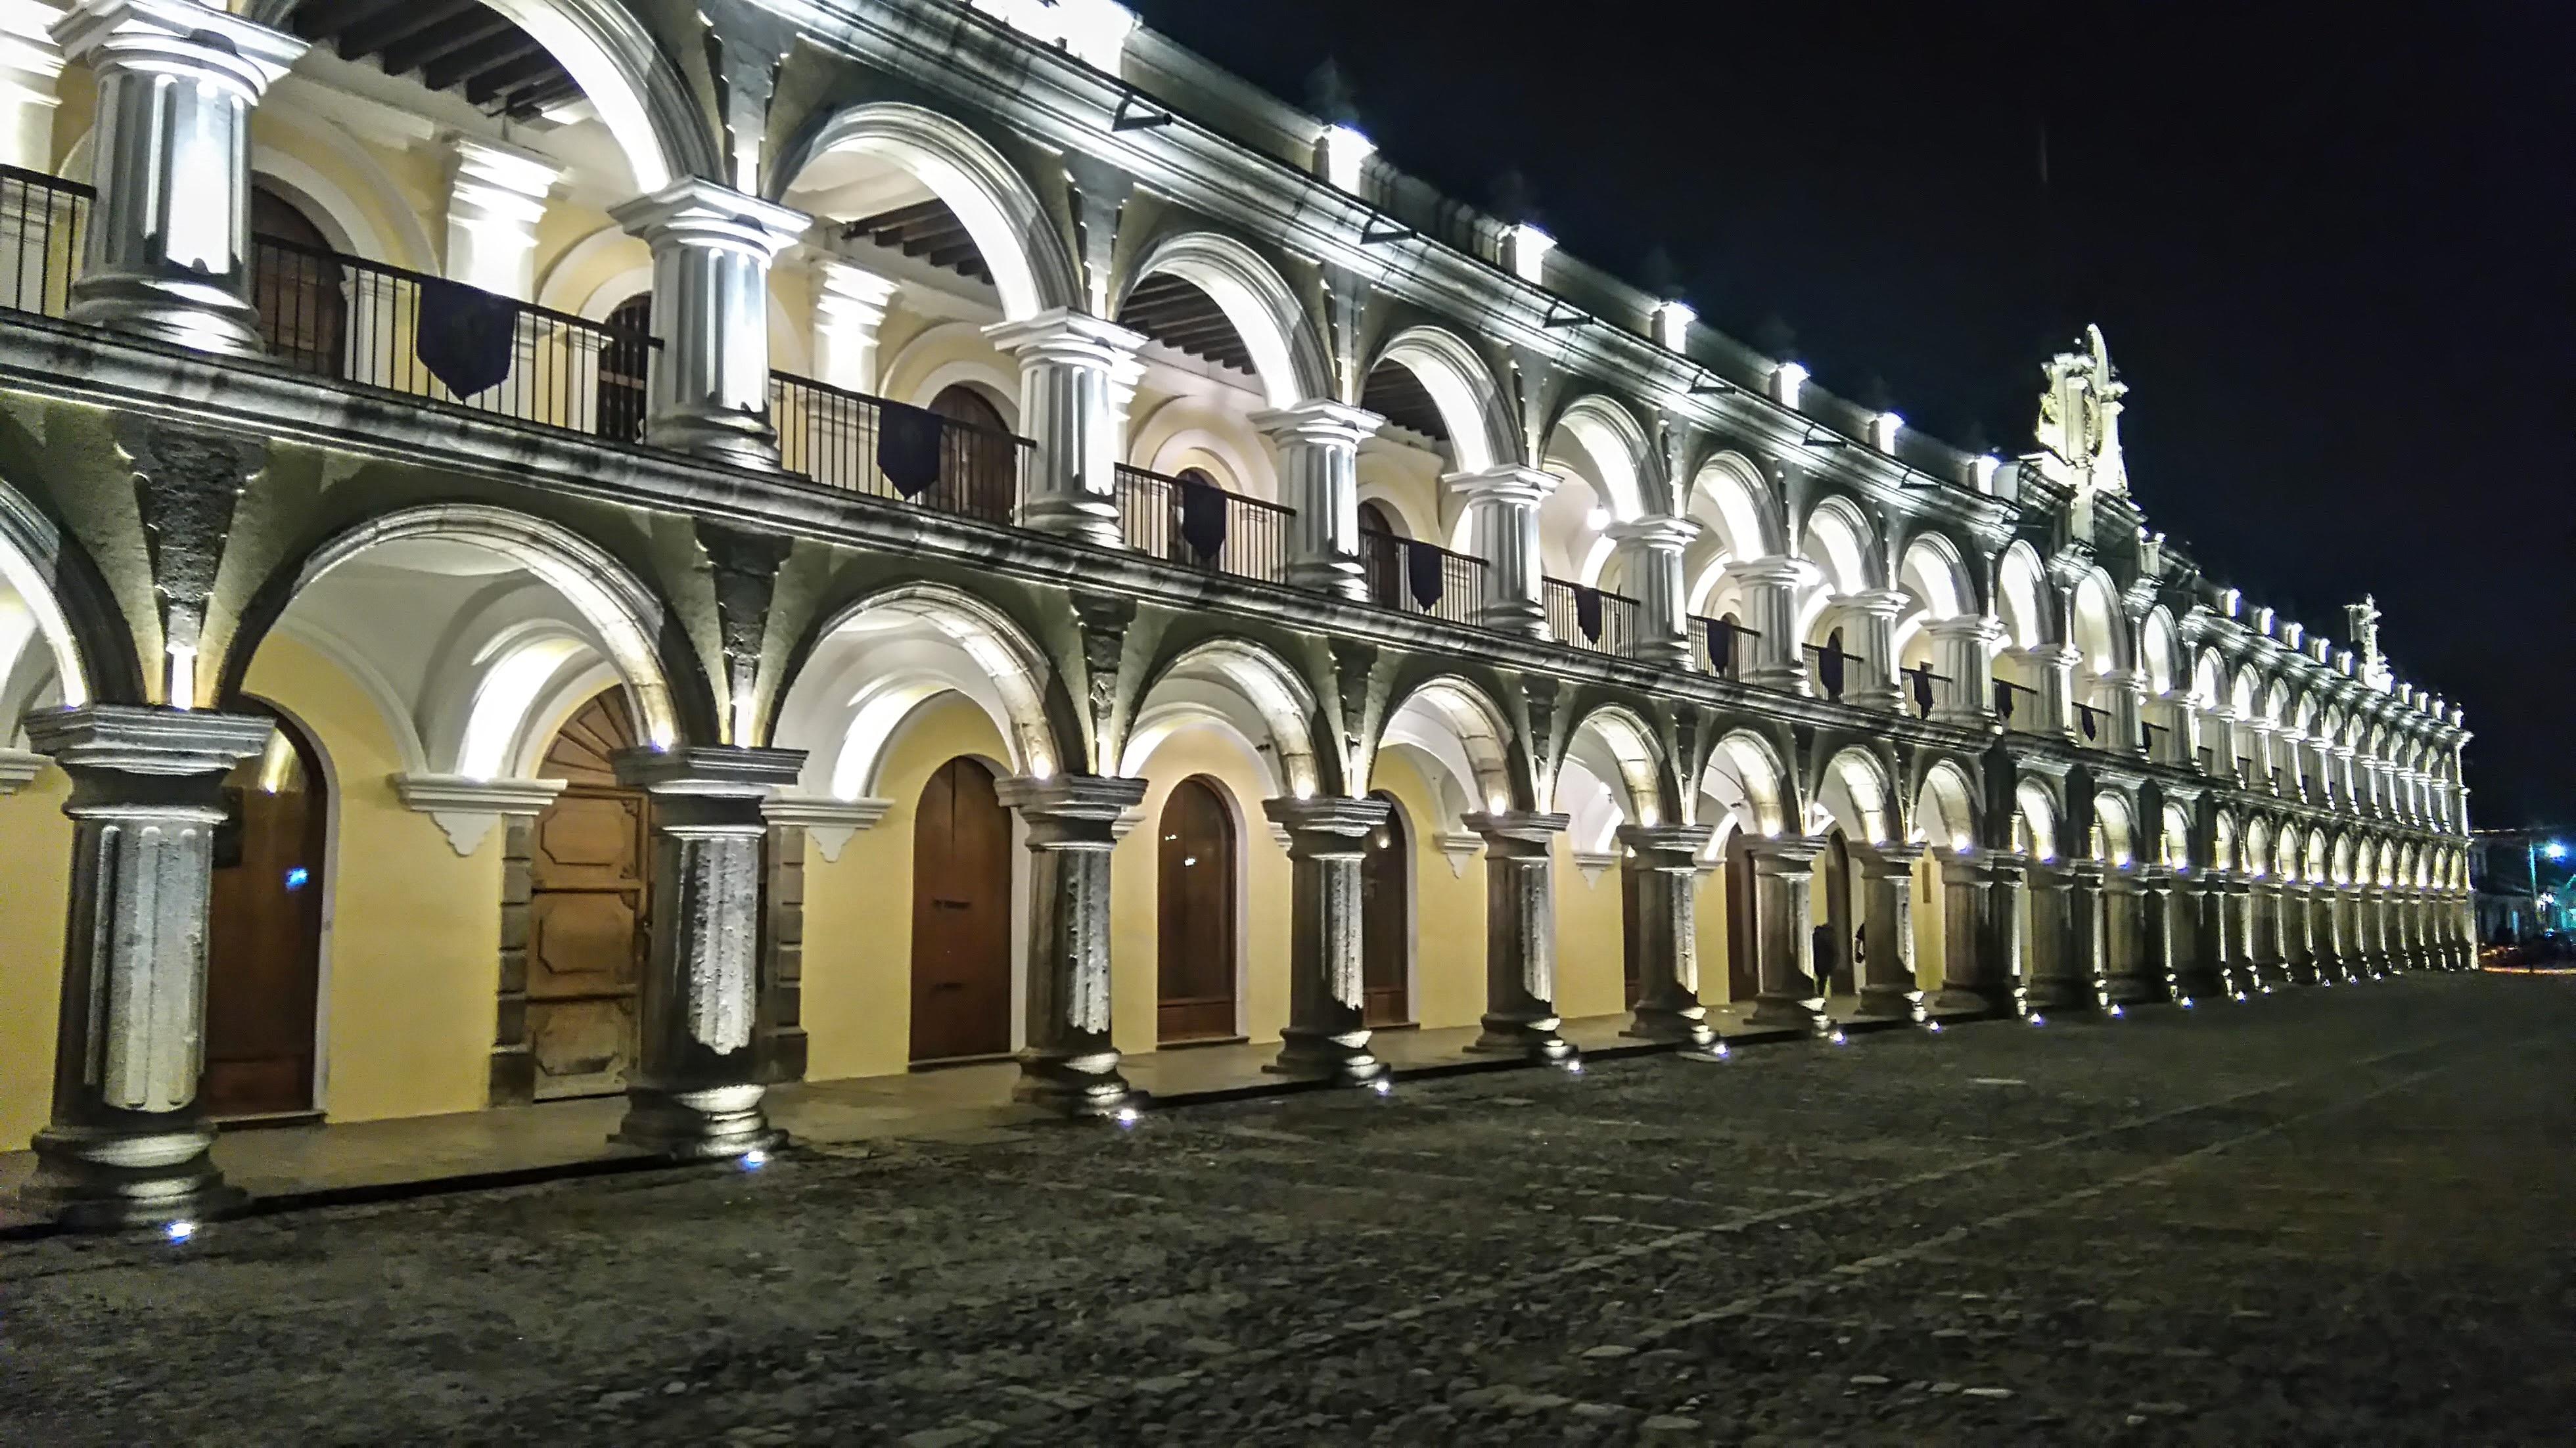 Captain generals palace